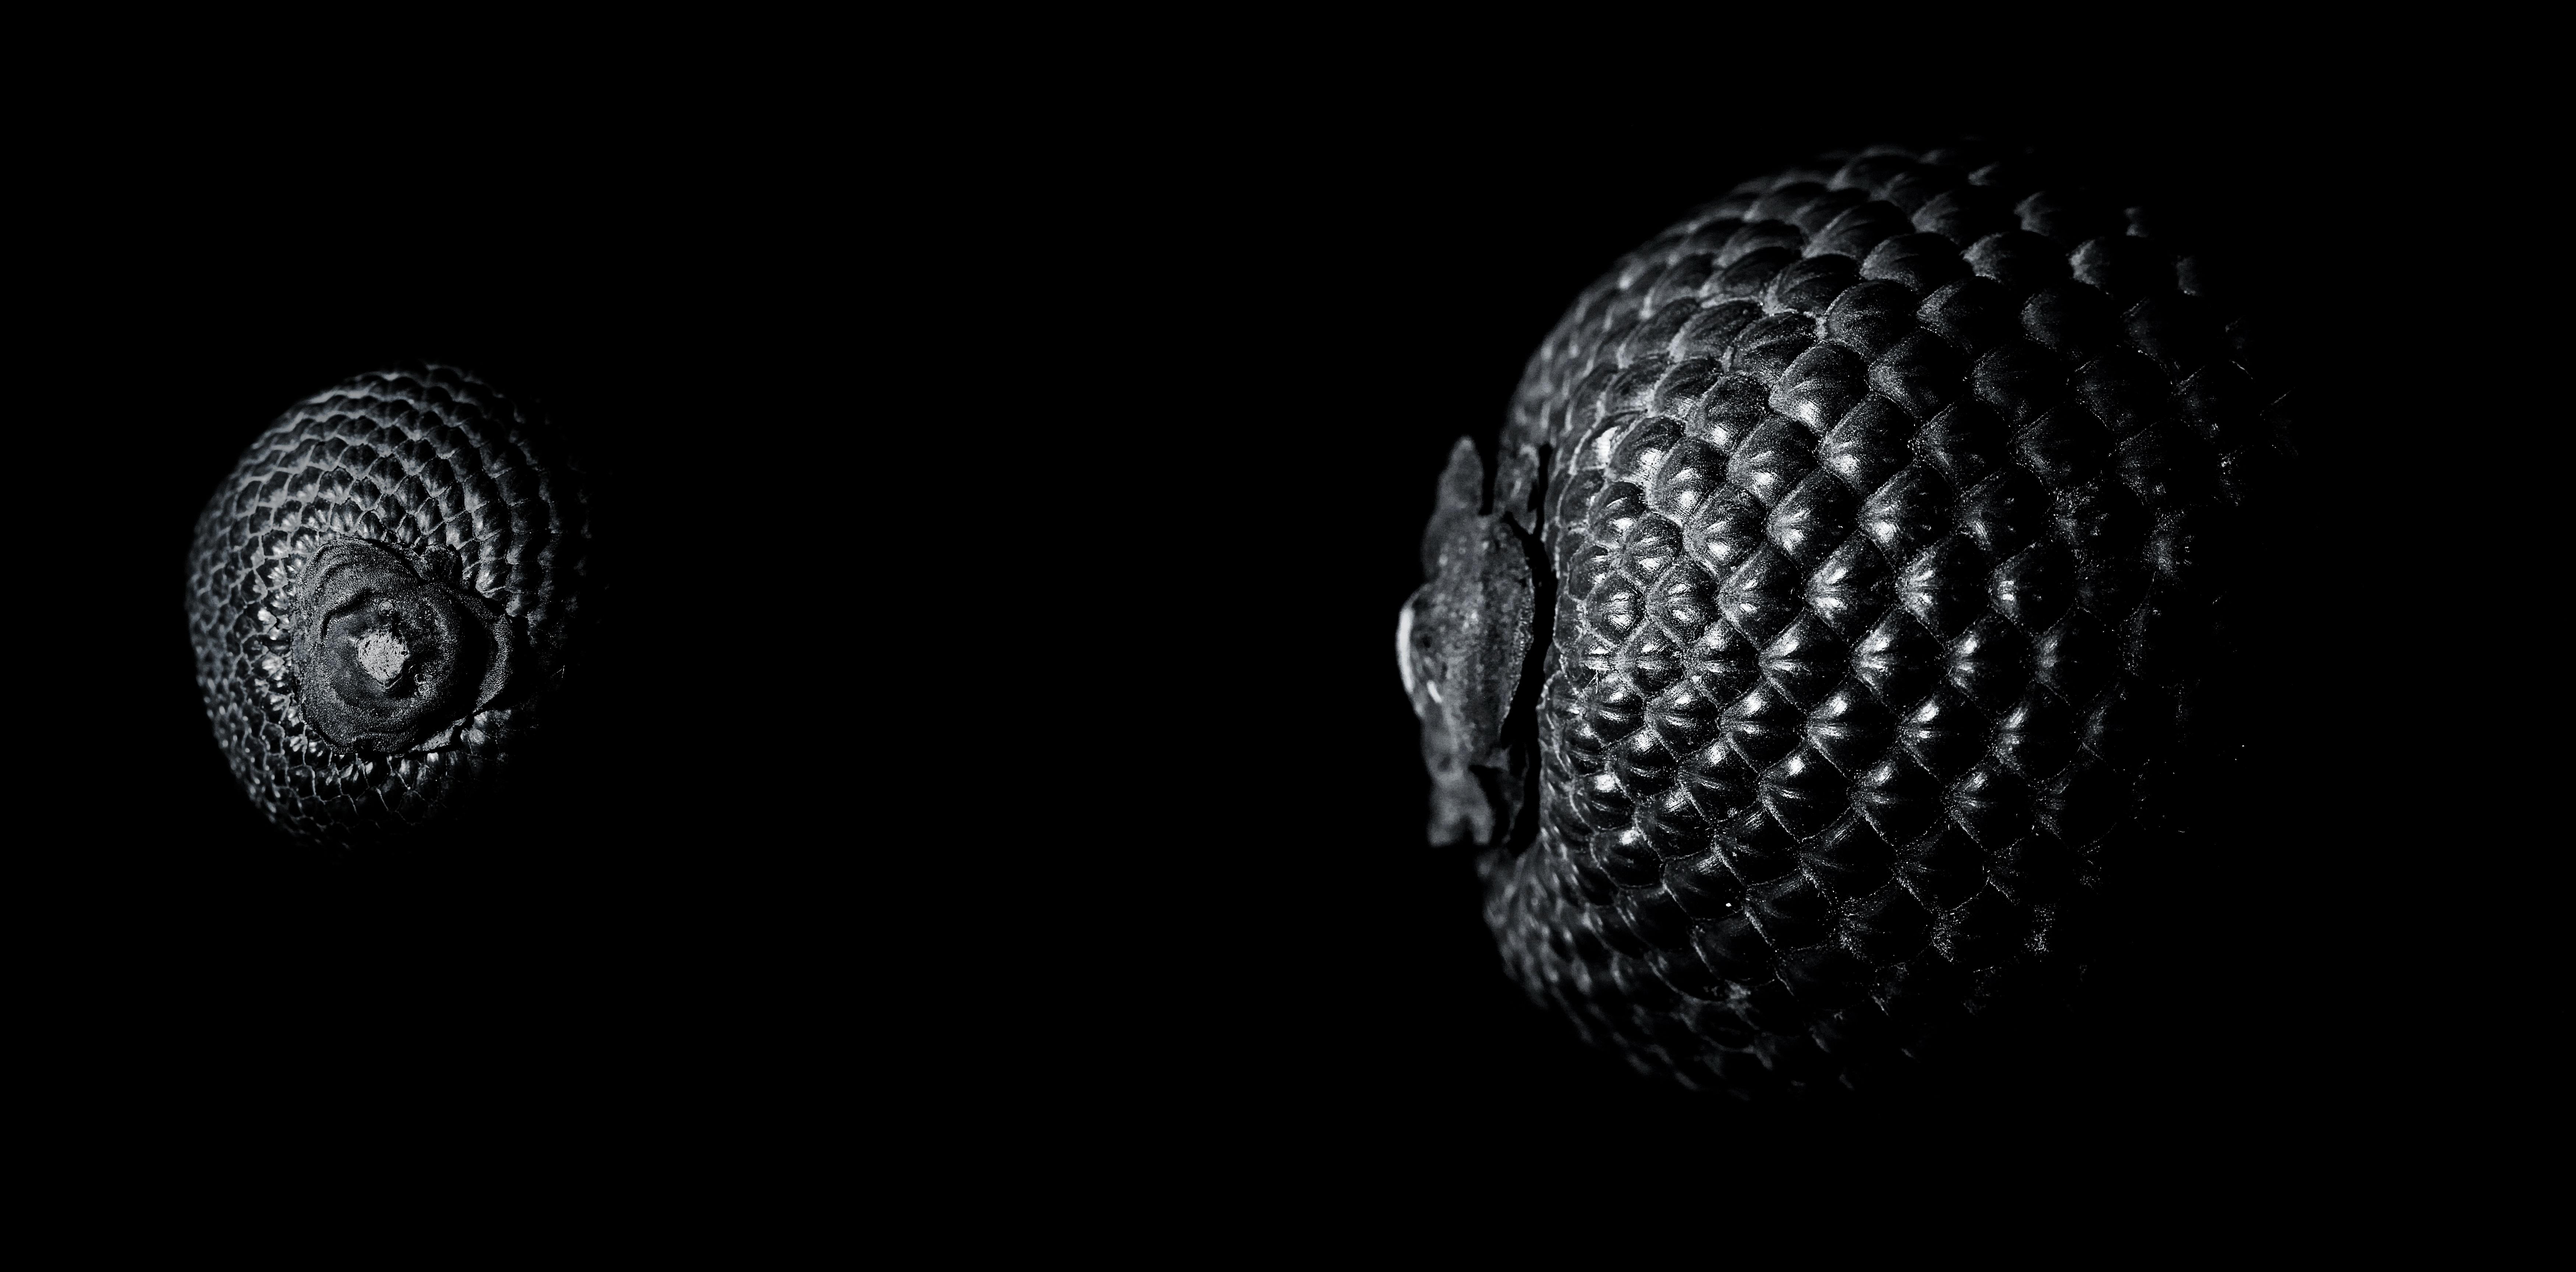 Hình ảnh Thiên Nhiên Sáng Tạo đen Và Trắng Trái Cây